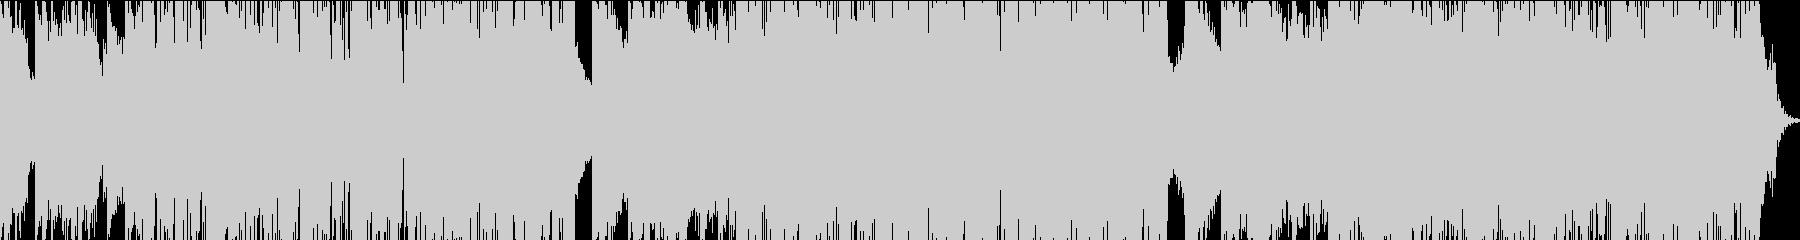 懐かしい感じの軽快なテクノポップの未再生の波形